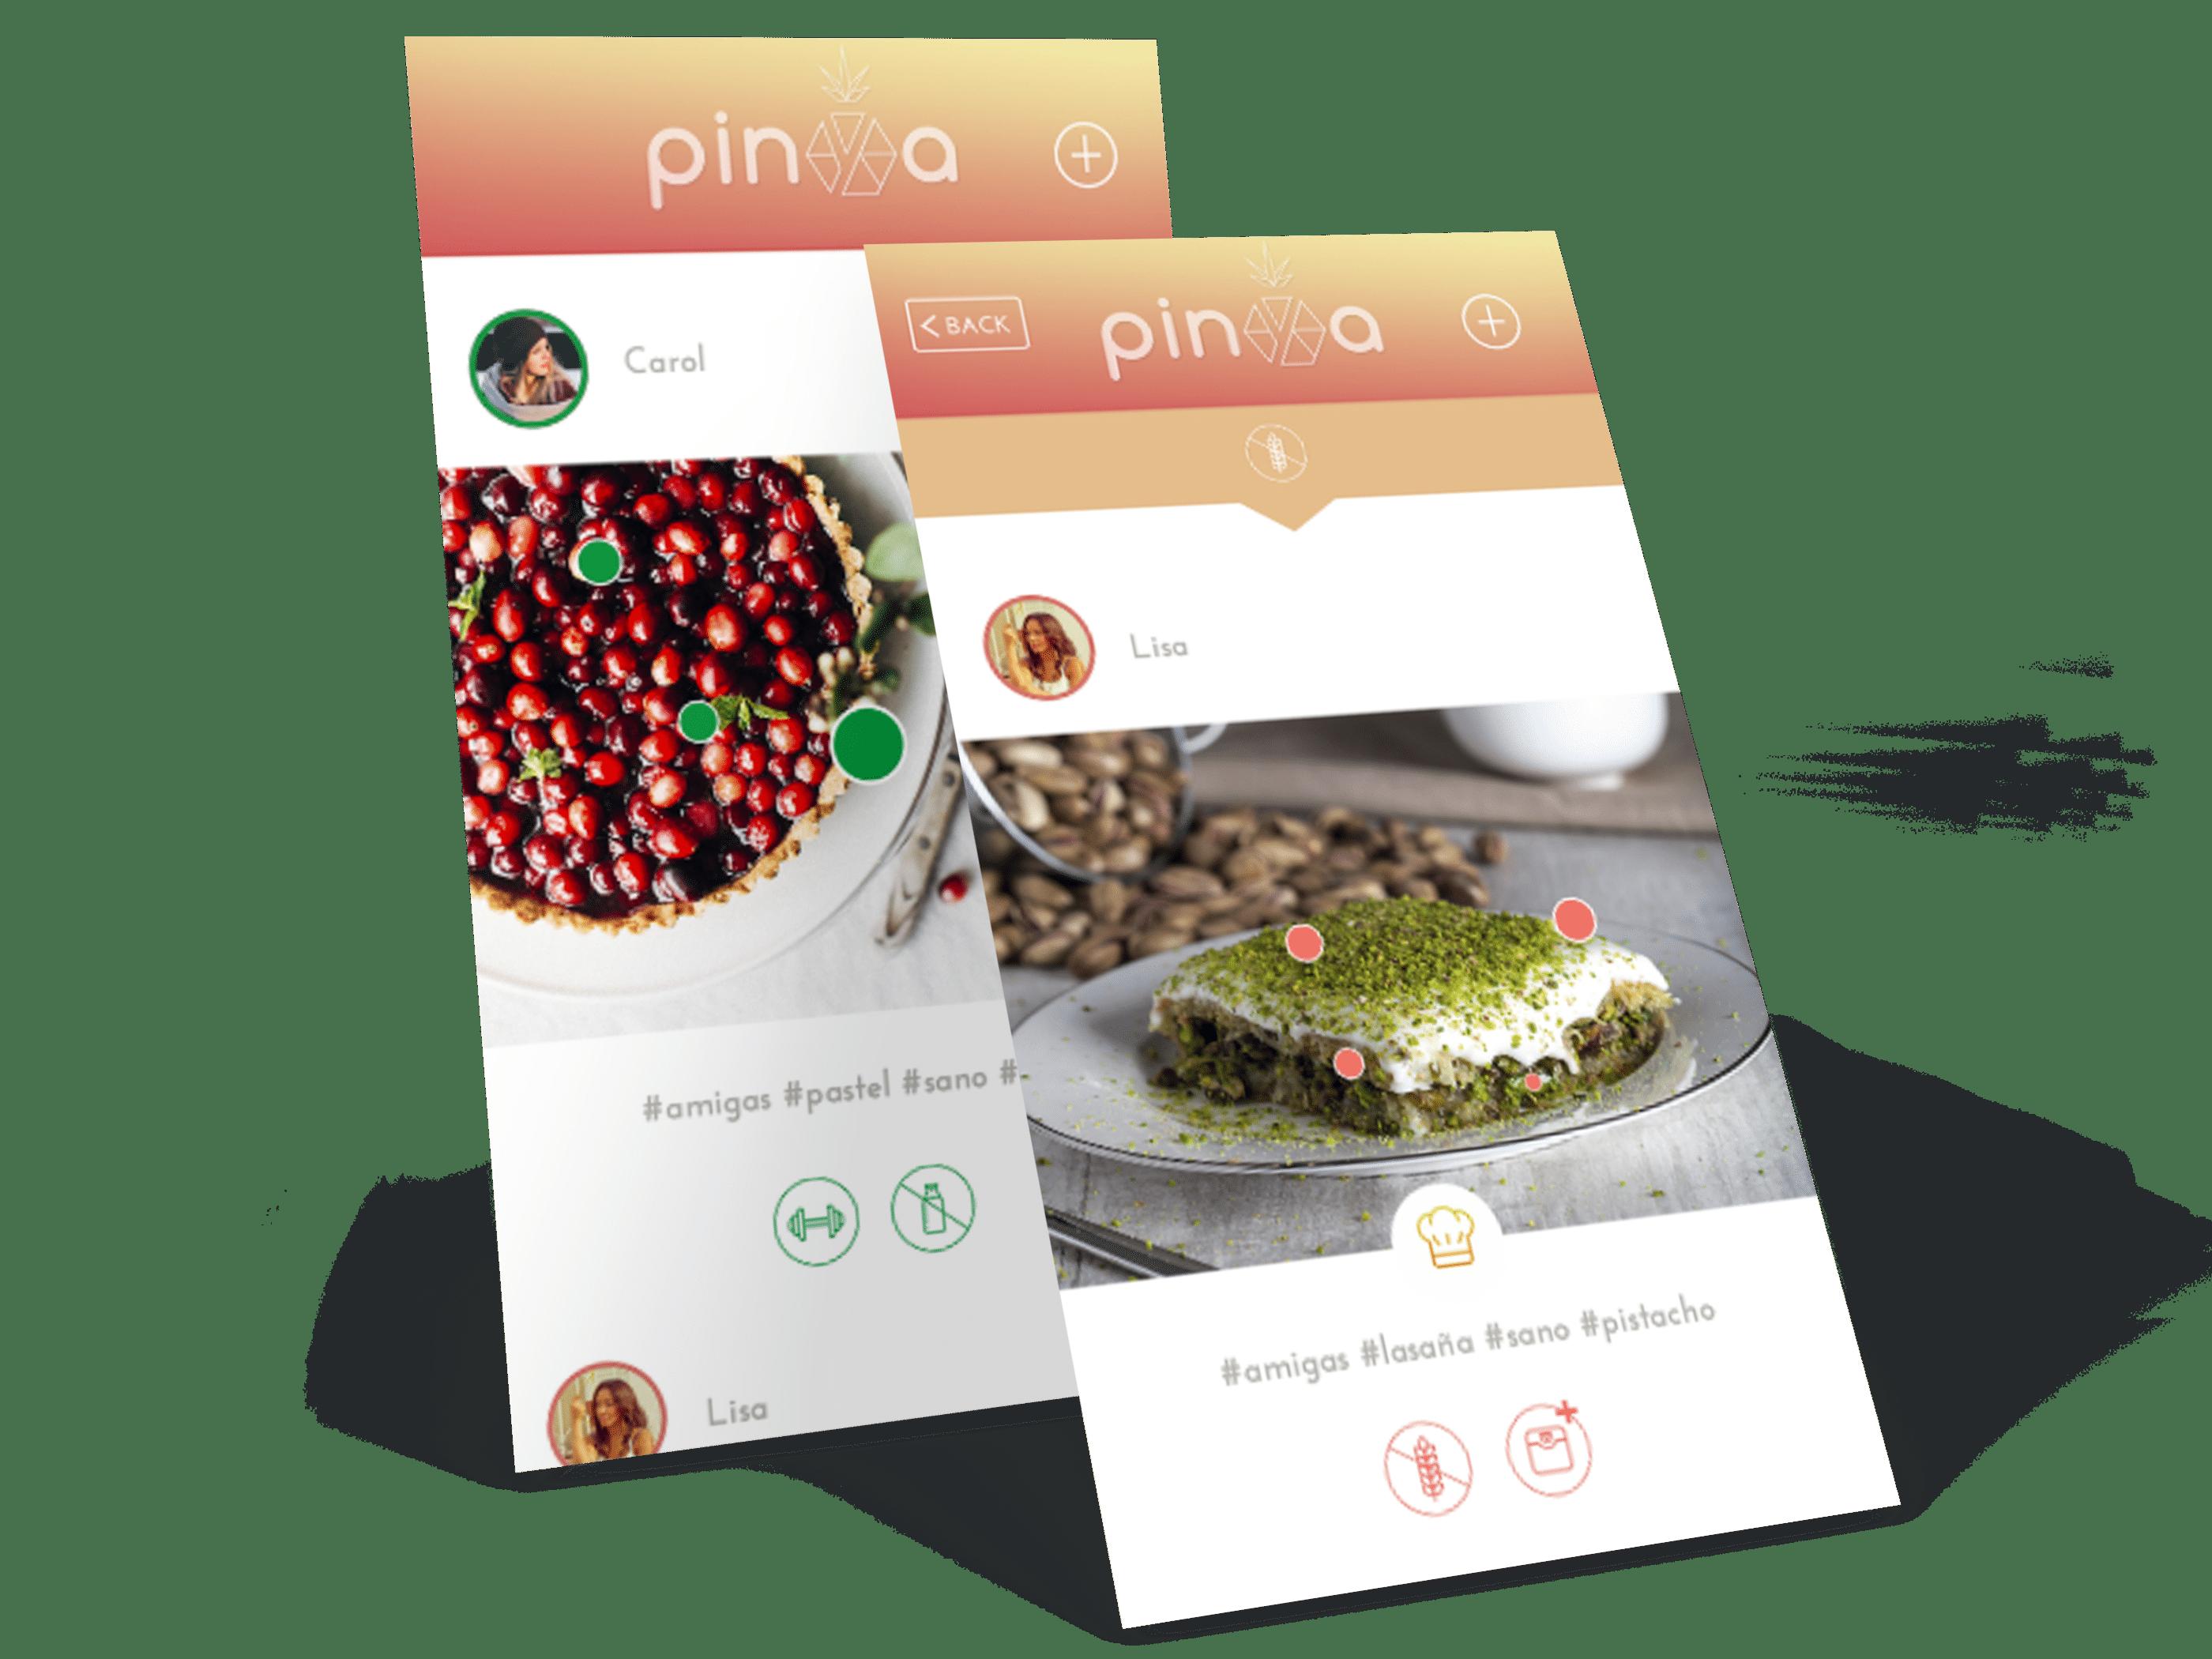 imágenes ejemplo funcionamiento app pinya 2